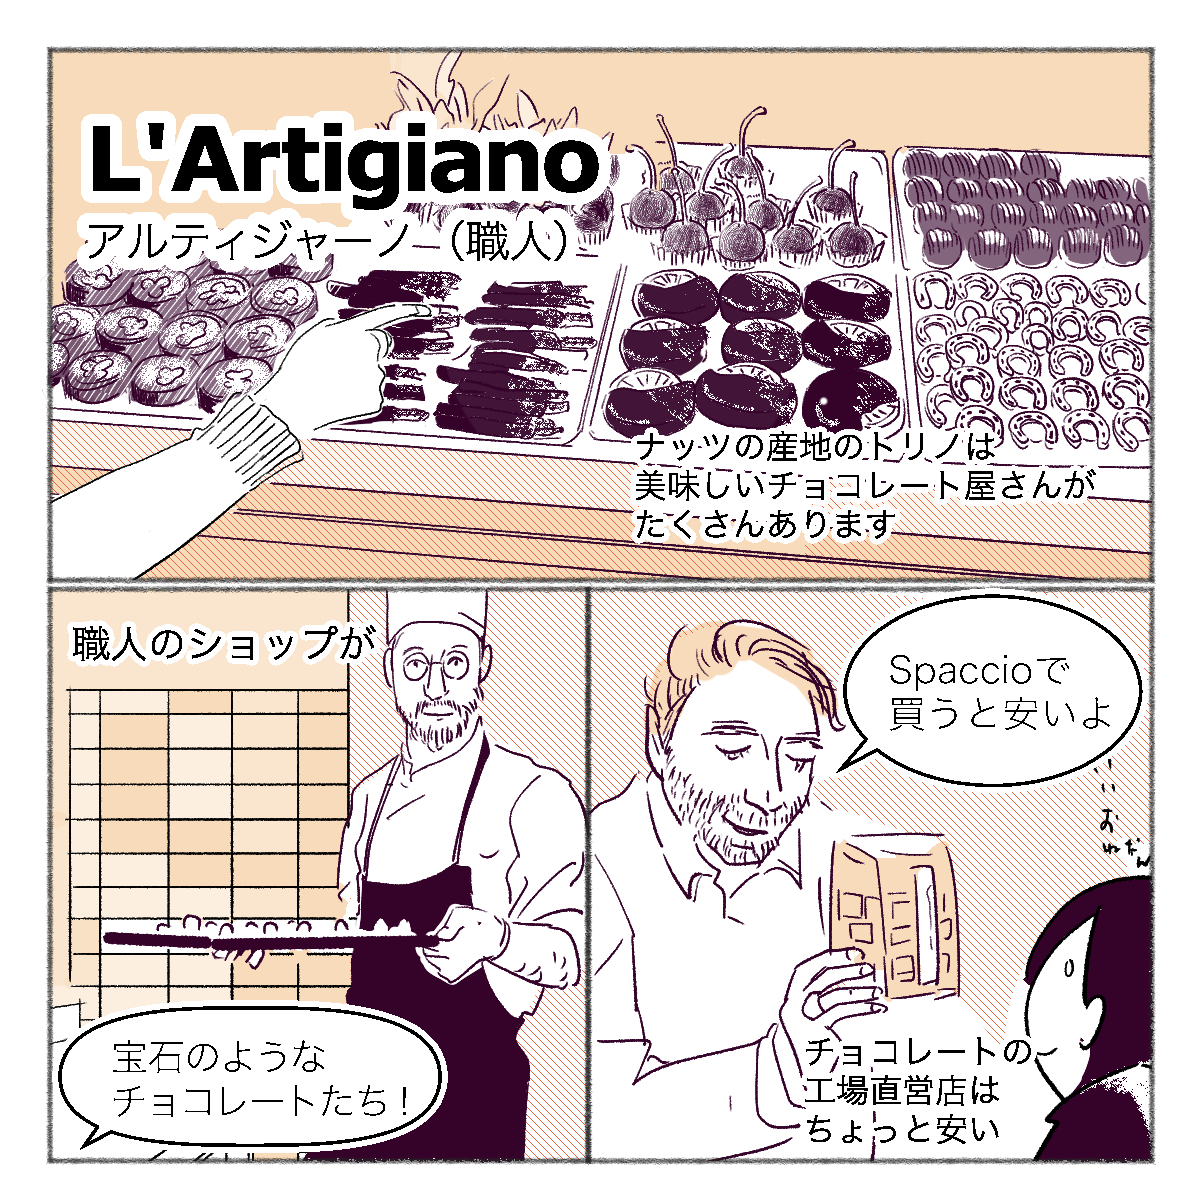 トリノには名産のナッツを使った美味しいチョコレートのお店がたくさんあります